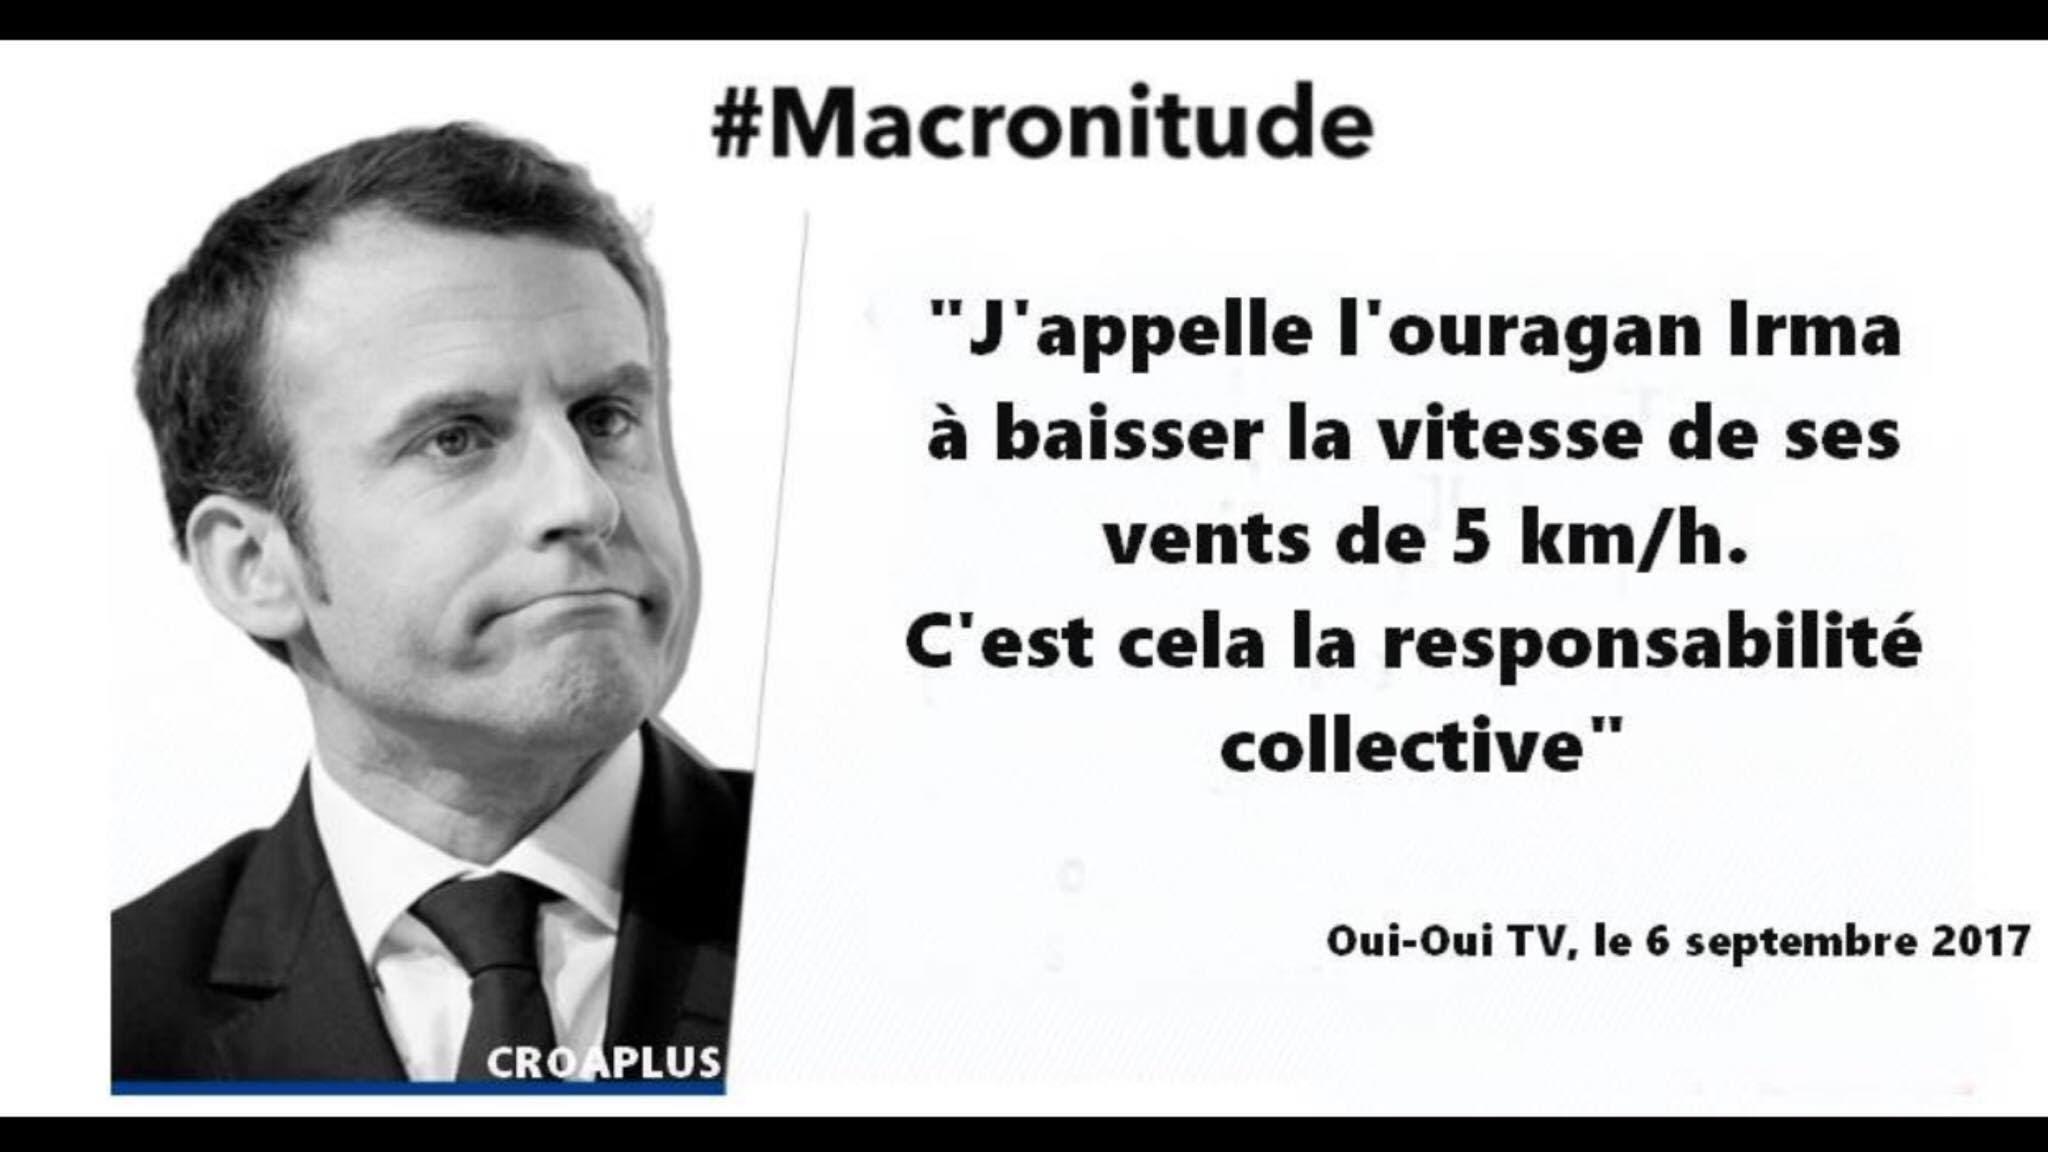 macron attitude